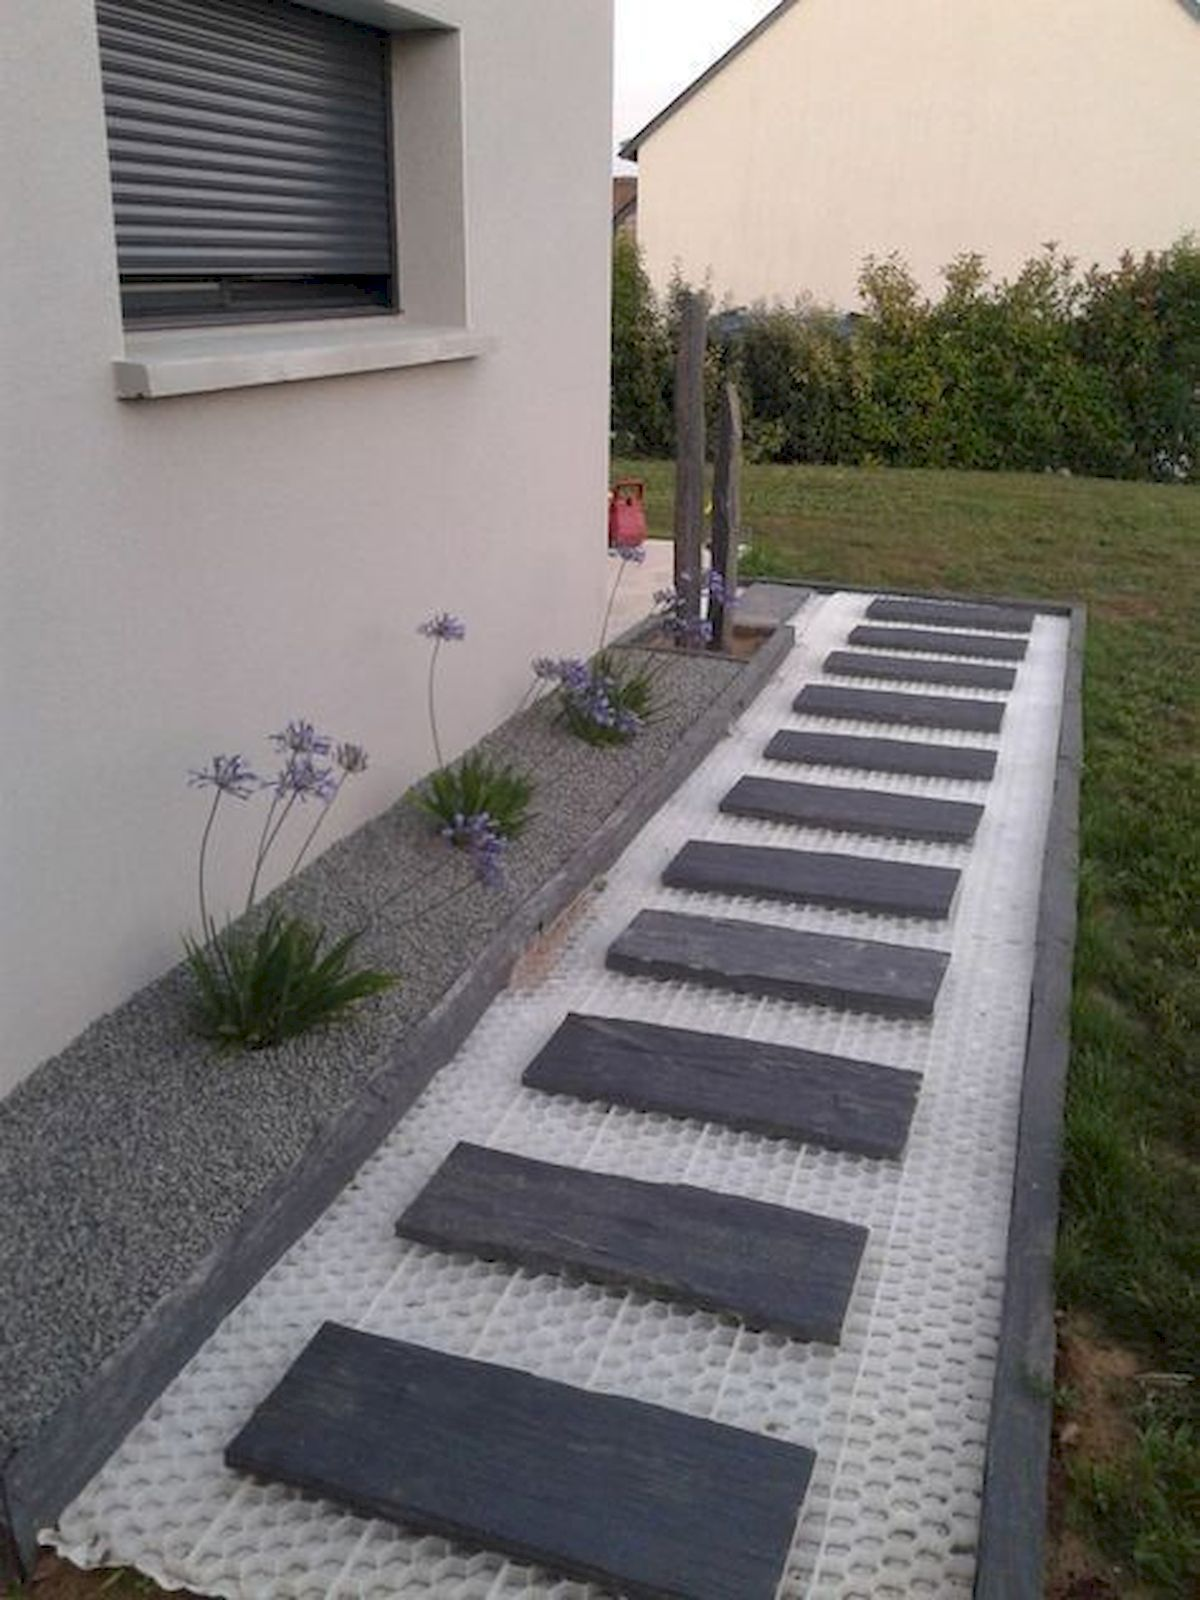 25 Best Garden Path Design Ideas 5 In 2019 Landscaping Garden Paths Yard Landscaping Front Yard Landscaping